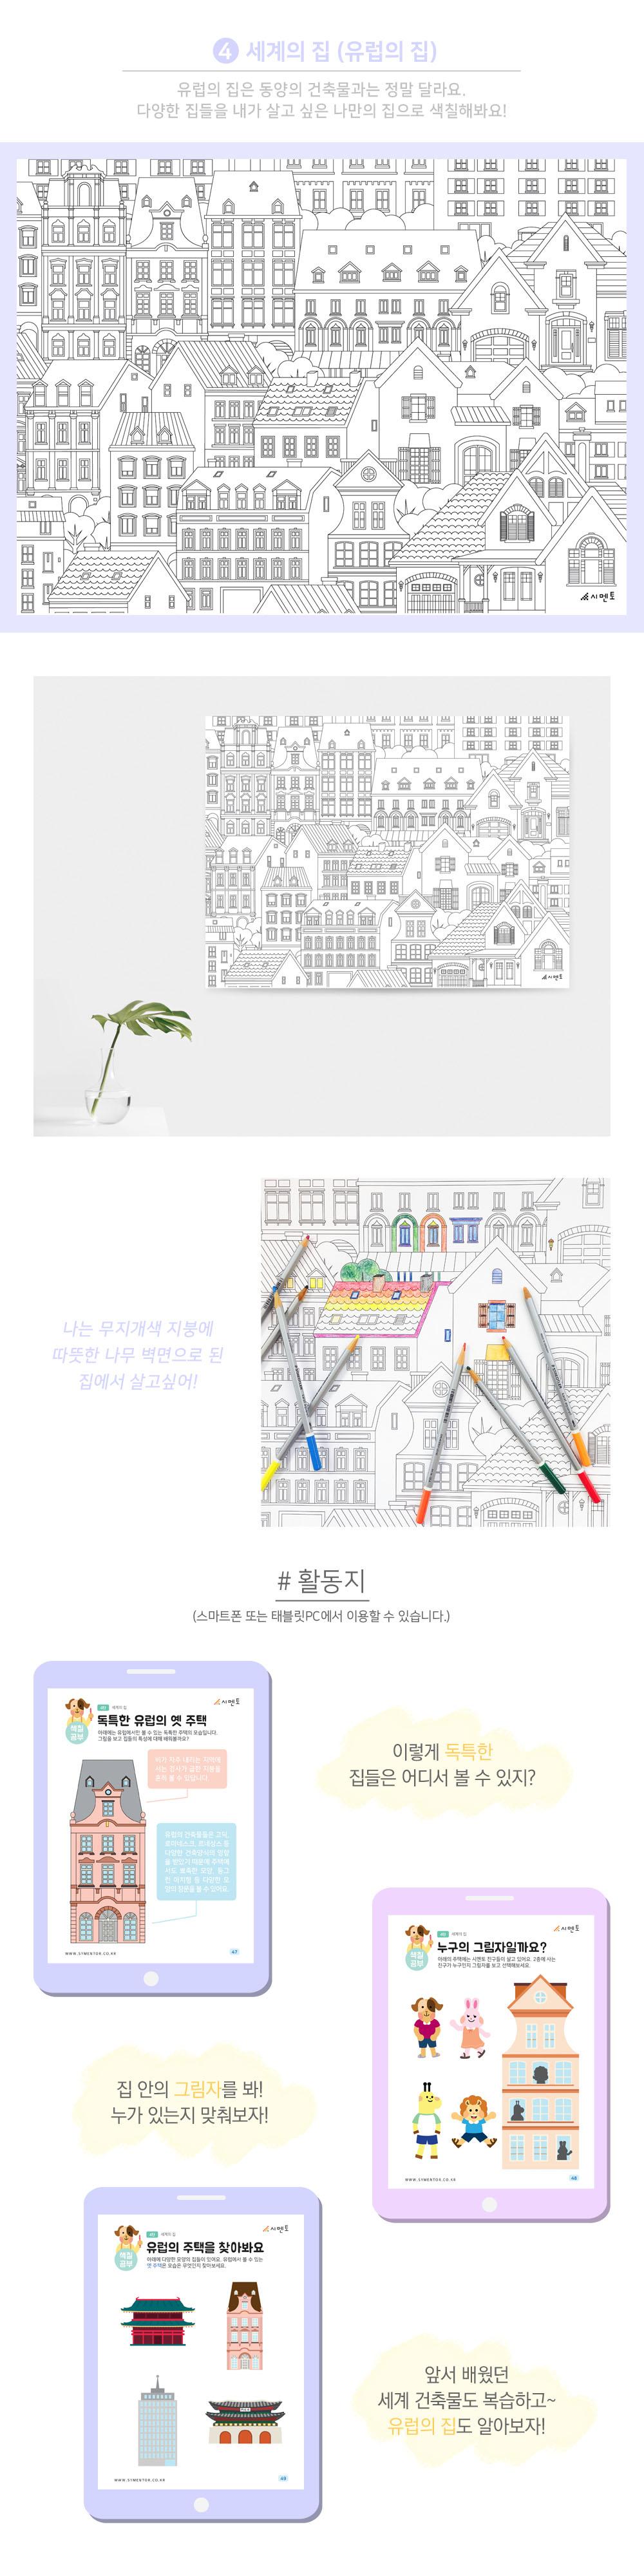 시멘토 색칠공부 포스터 상세페이지 05.jpg